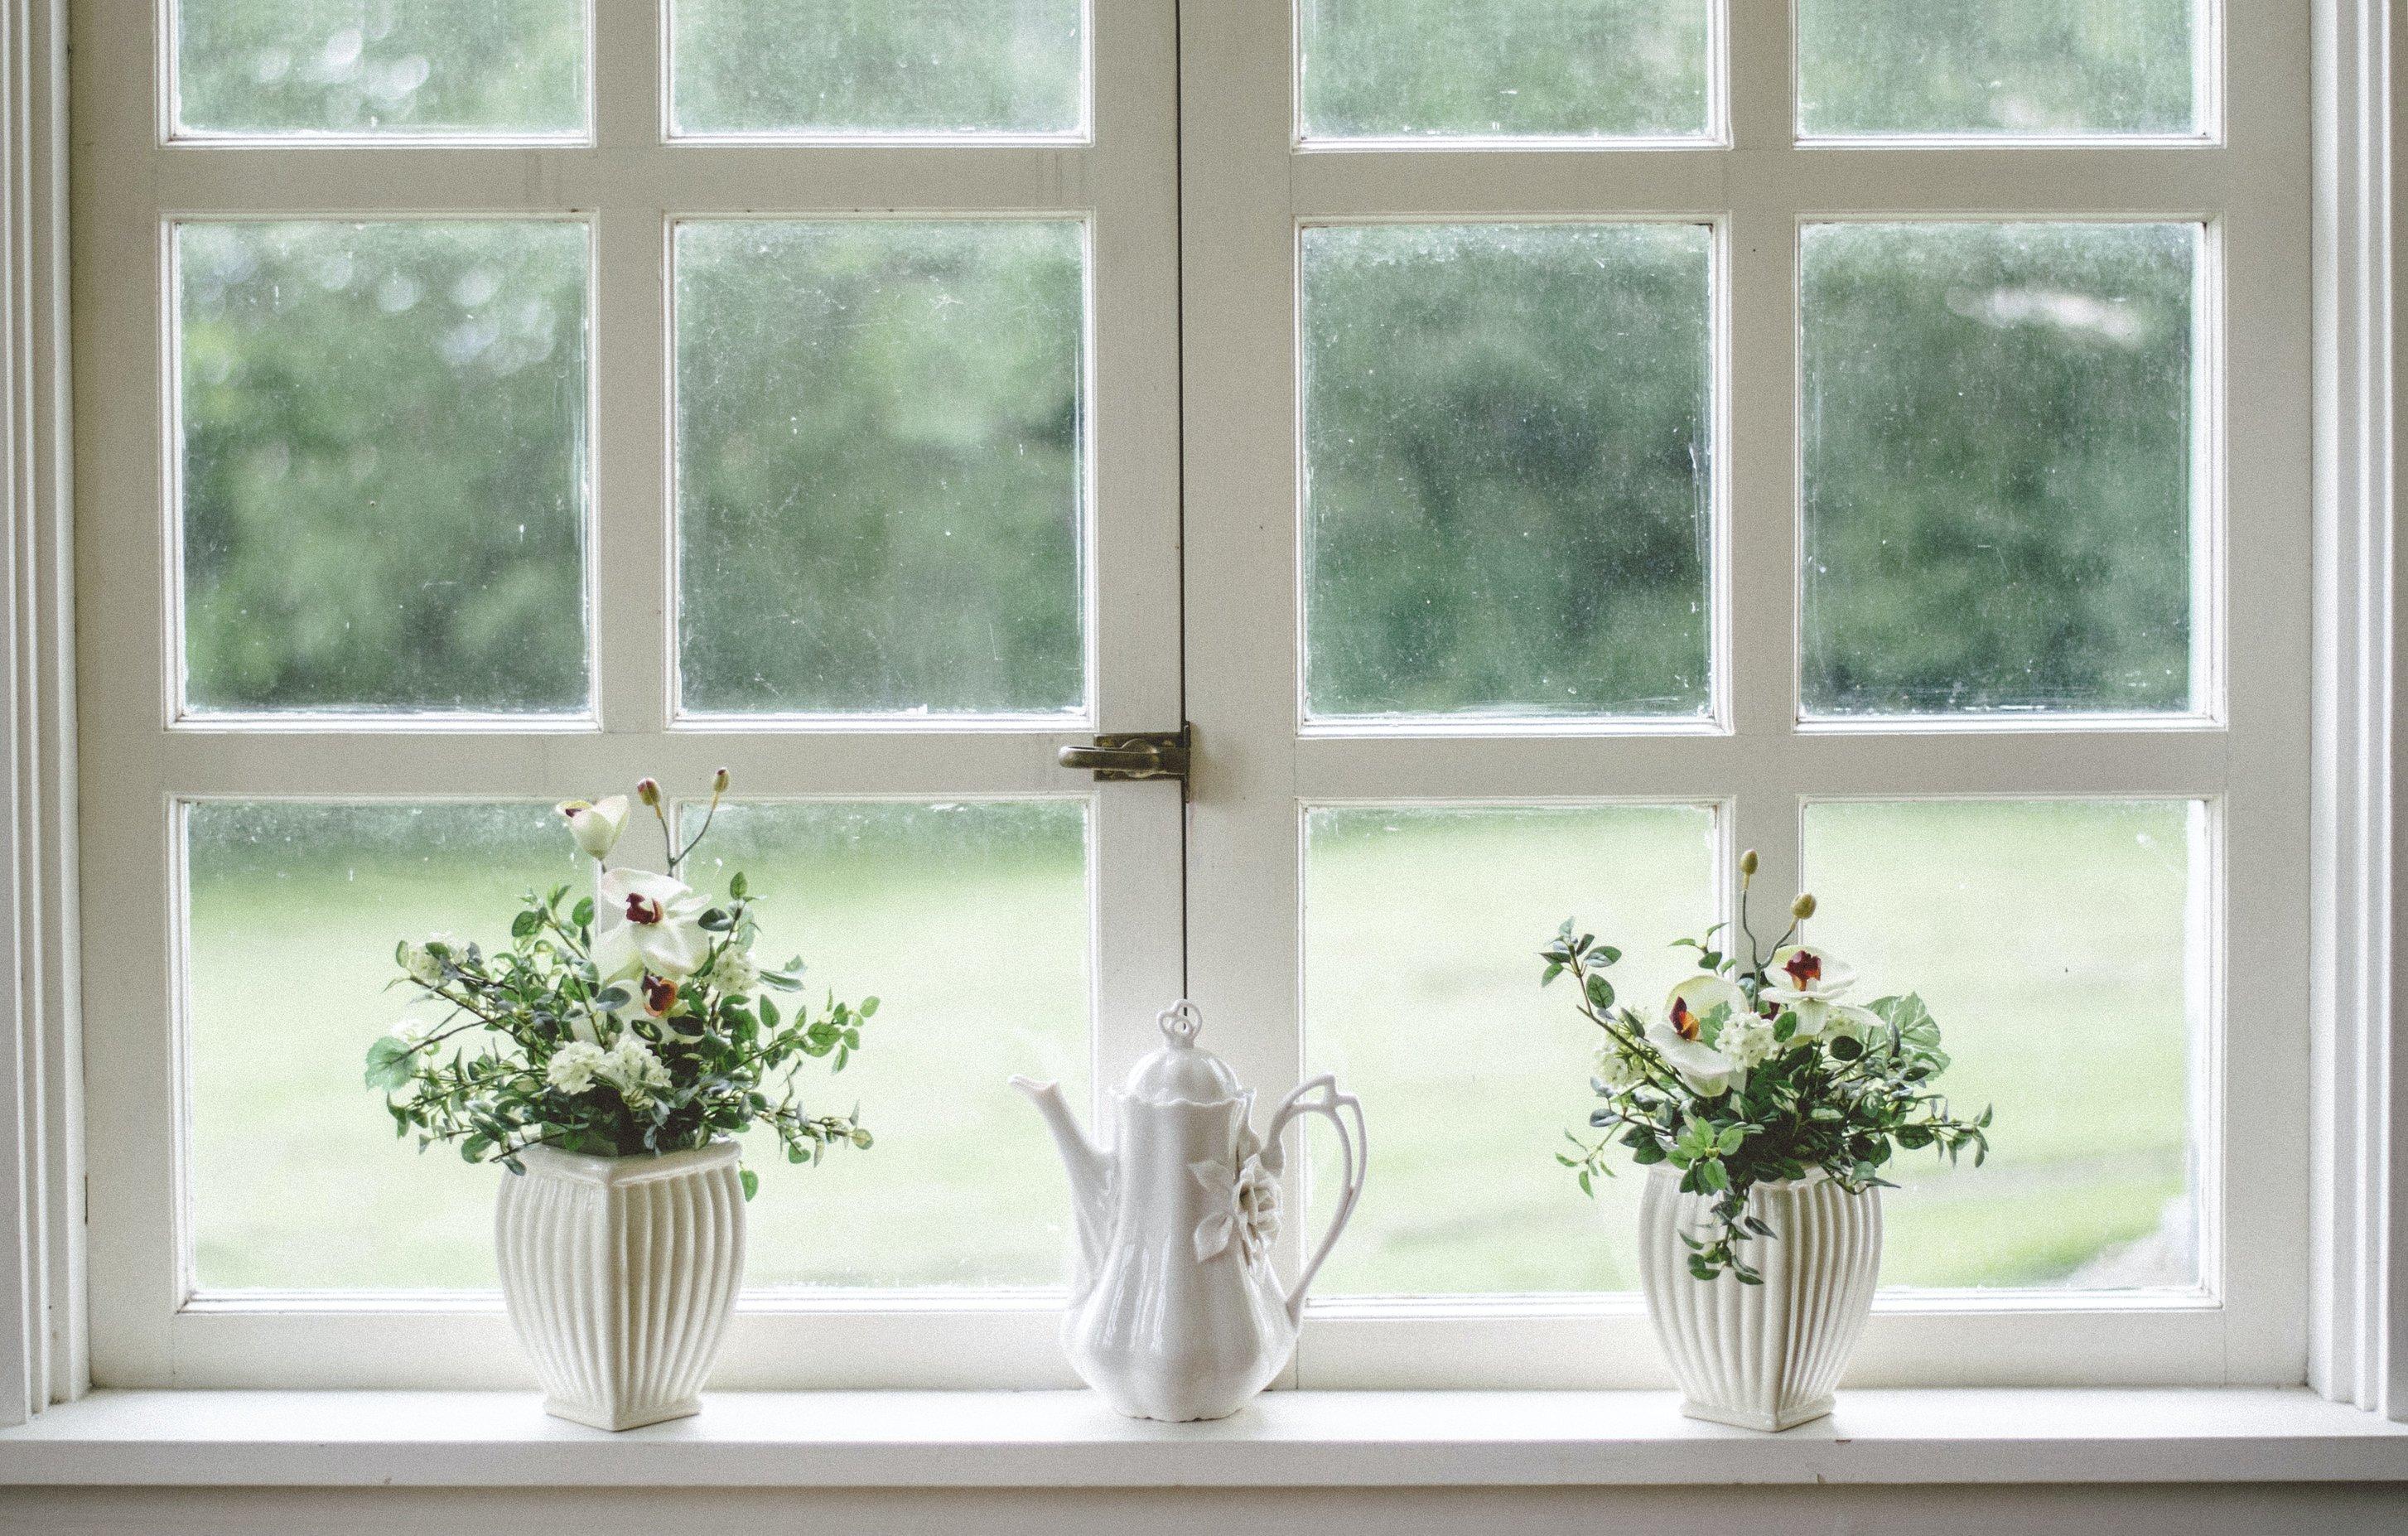 cung hoàng đạo hai cây bên cạnh cửa sổ